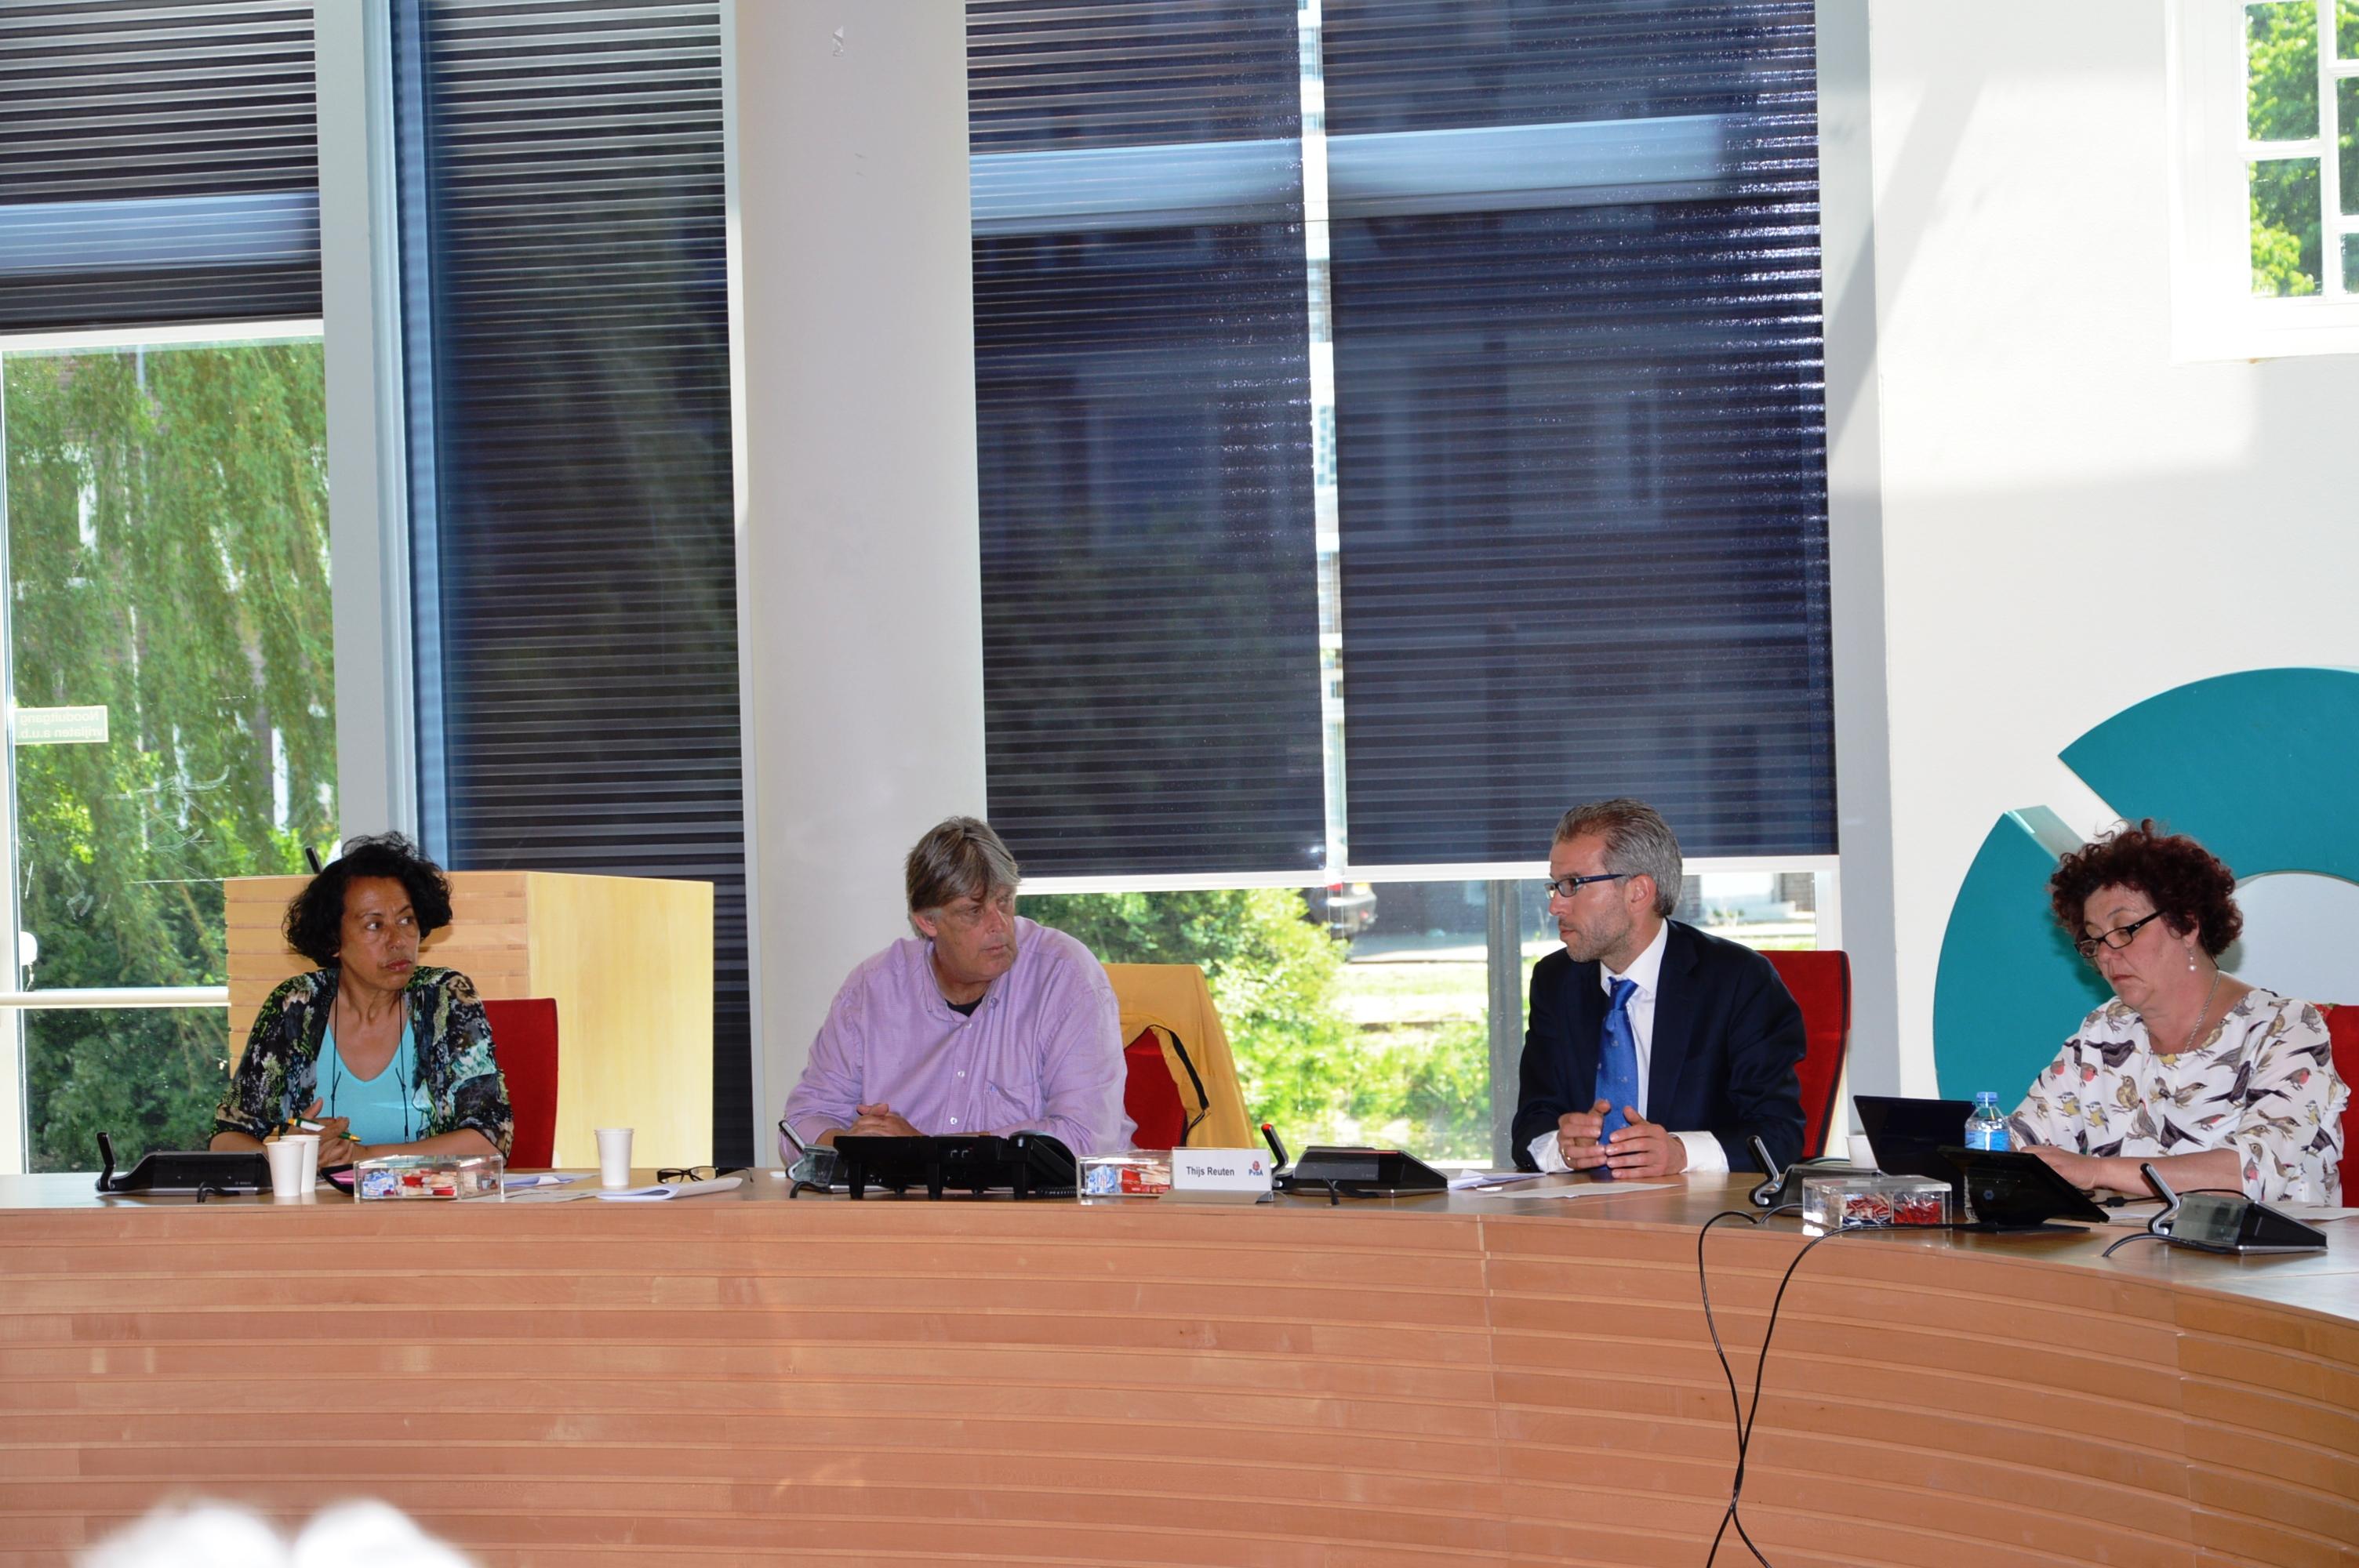 Laetitia+Frank+Thijs Reuten+Annelies